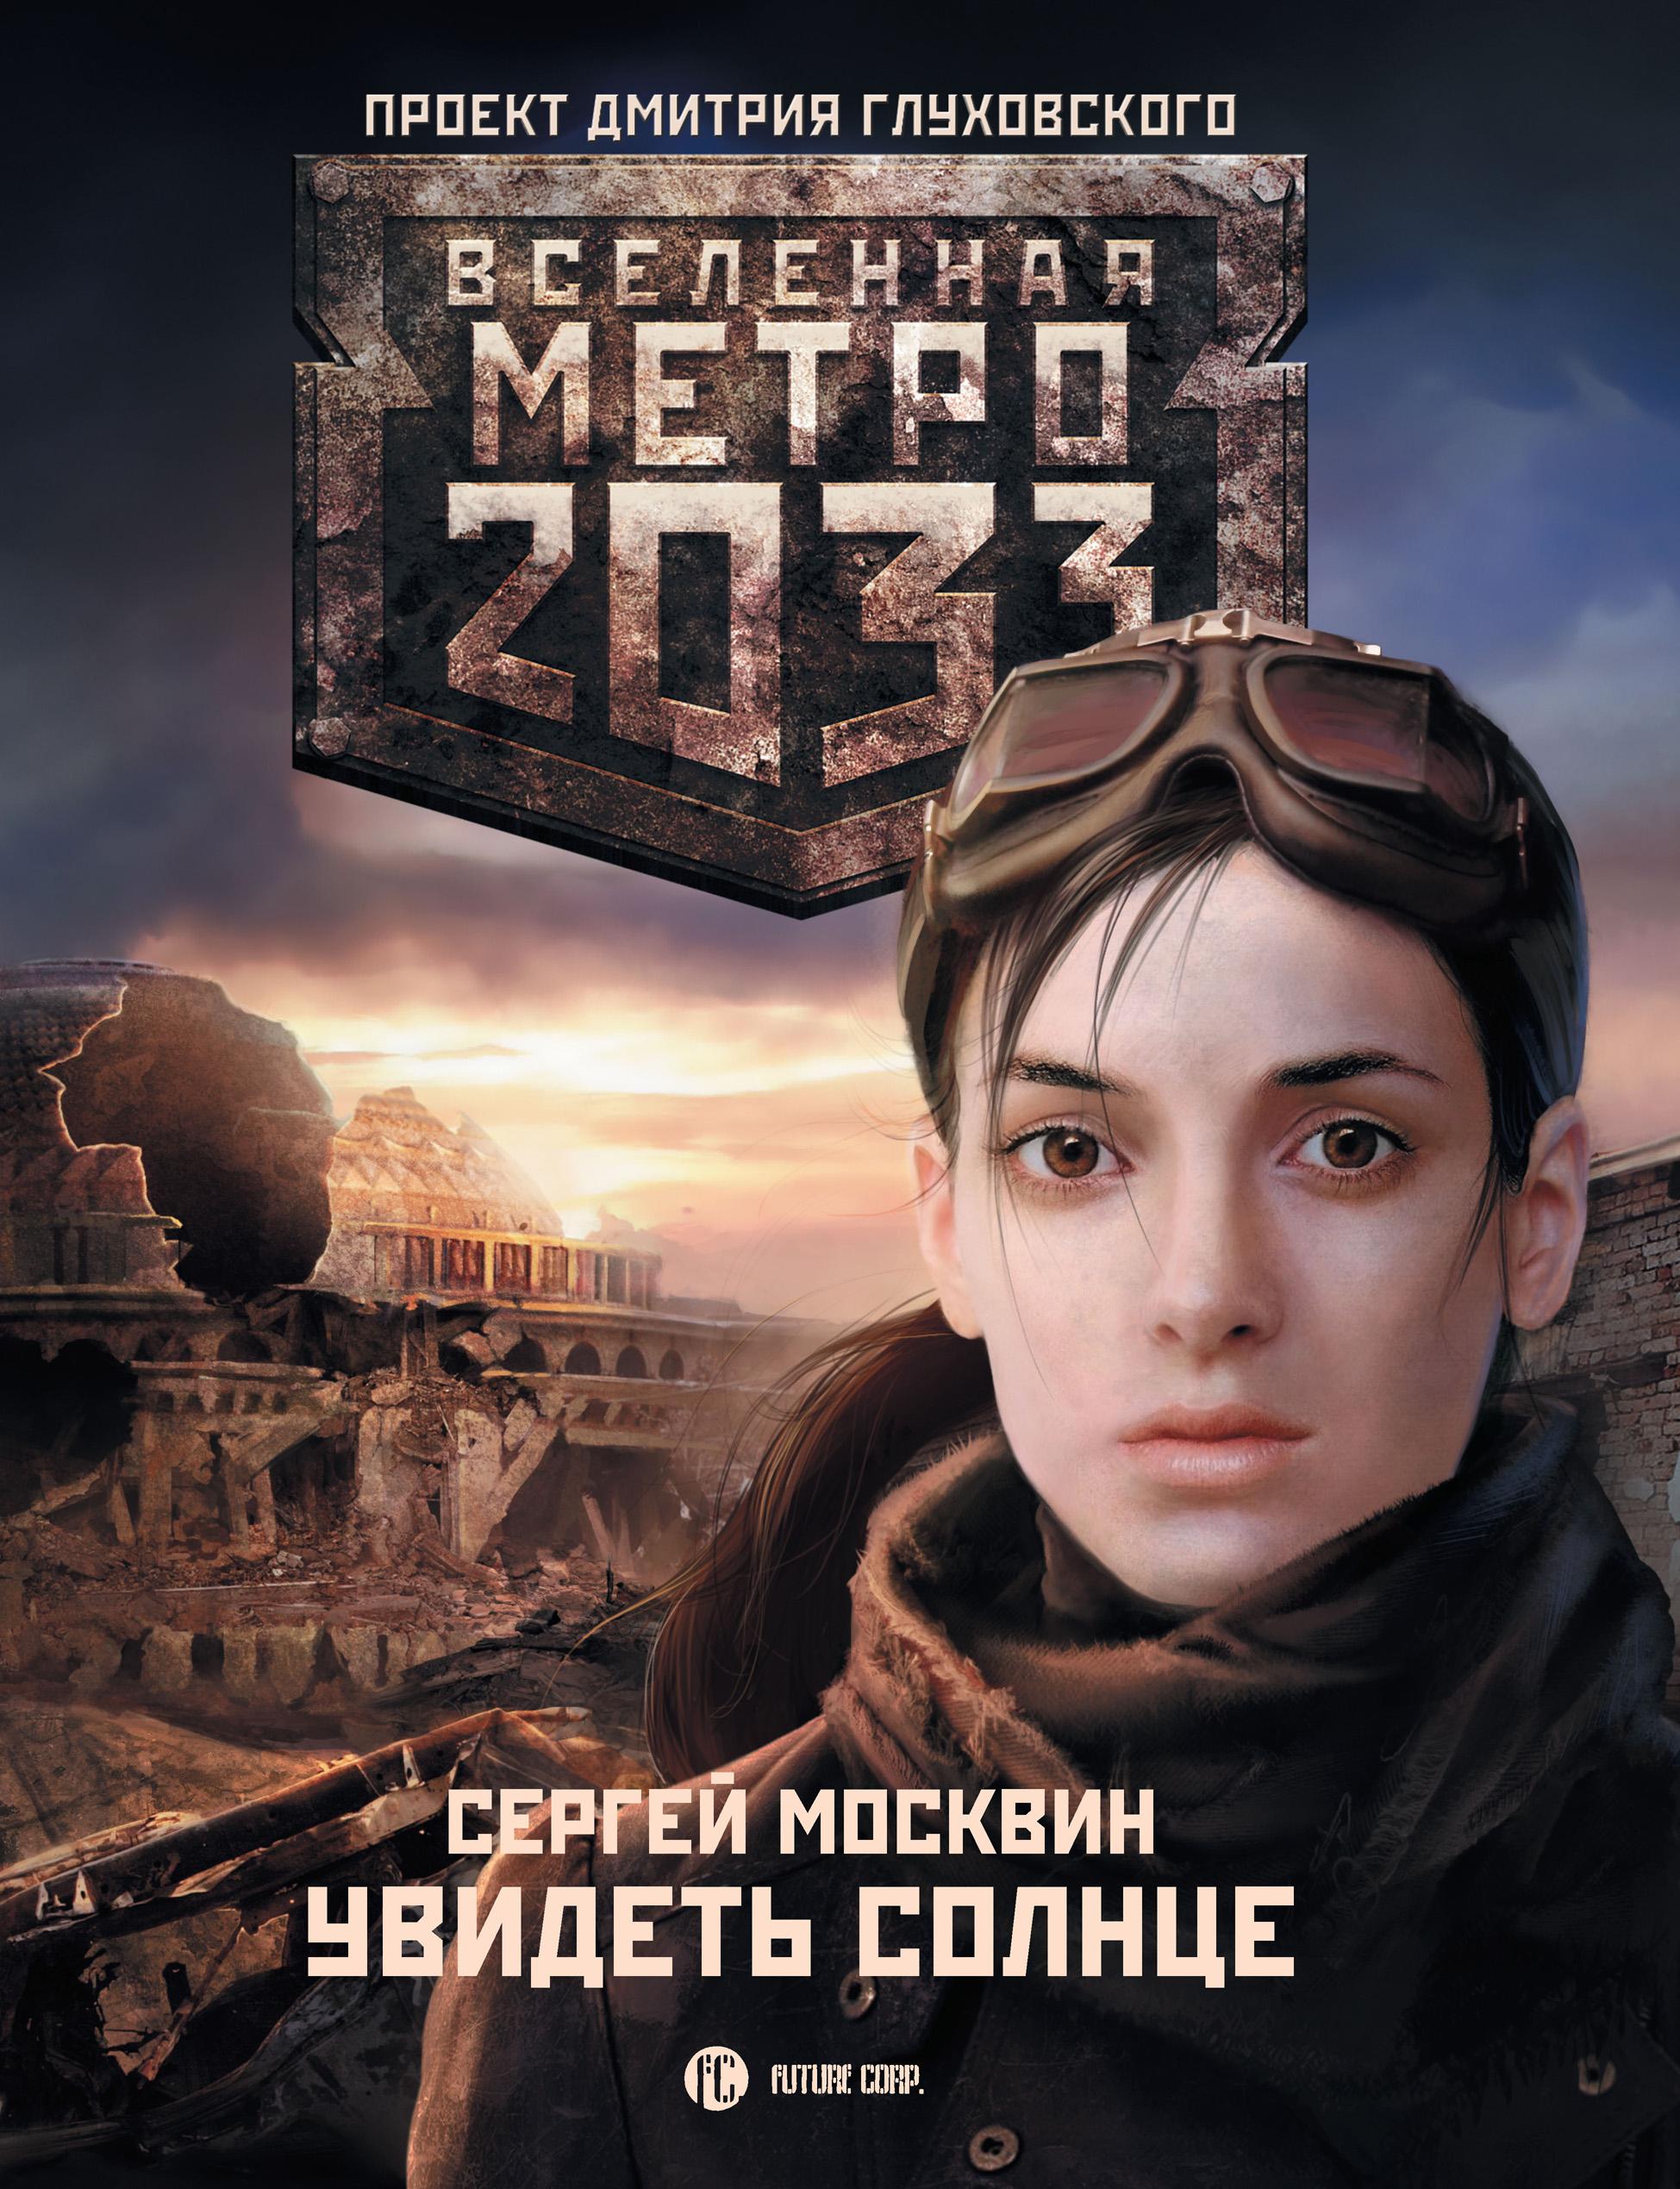 Сергей Москвин Метро 2033: Увидеть солнце торшер maytoni mod602 fl 01 n